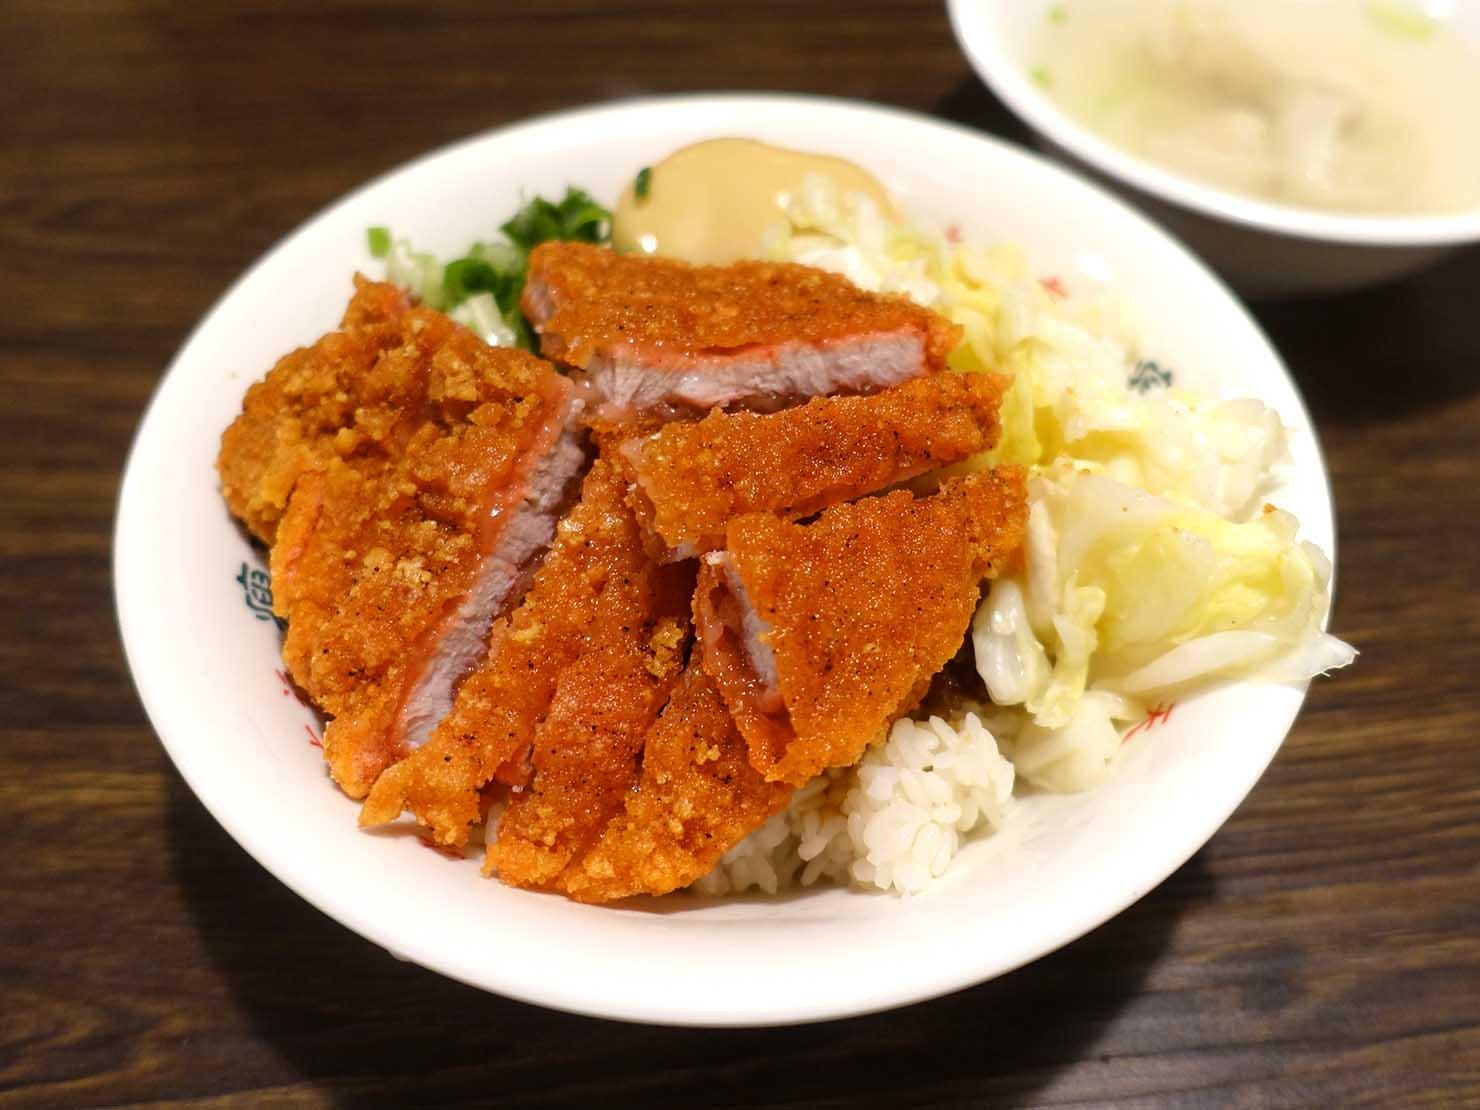 台北・忠孝敦化駅(東區)のおすすめグルメ店「瘦虎麵屋」の紅燒肉飯